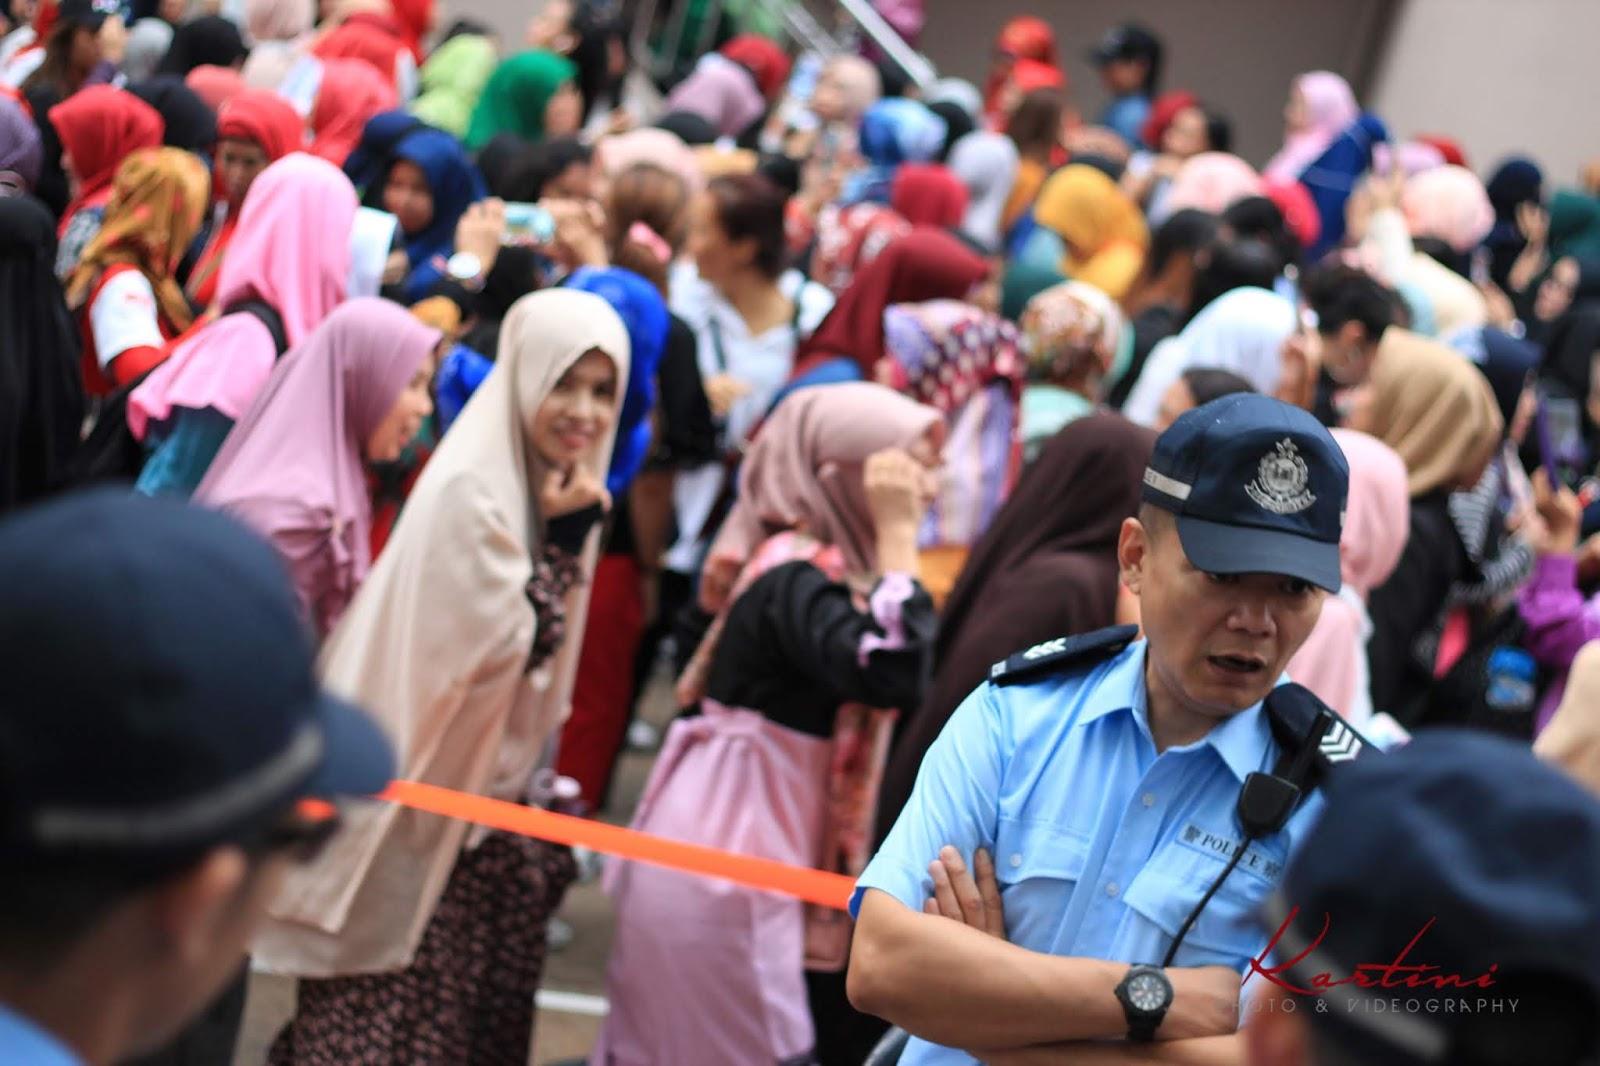 Berjam-jam mereka berdiri disertai hujan yang tak kunjung berhenti pun tak menyurutkan semangat mereka untuk tetap bisa menyuarakan hak pilihnya untuk kemajuan Indonesia.